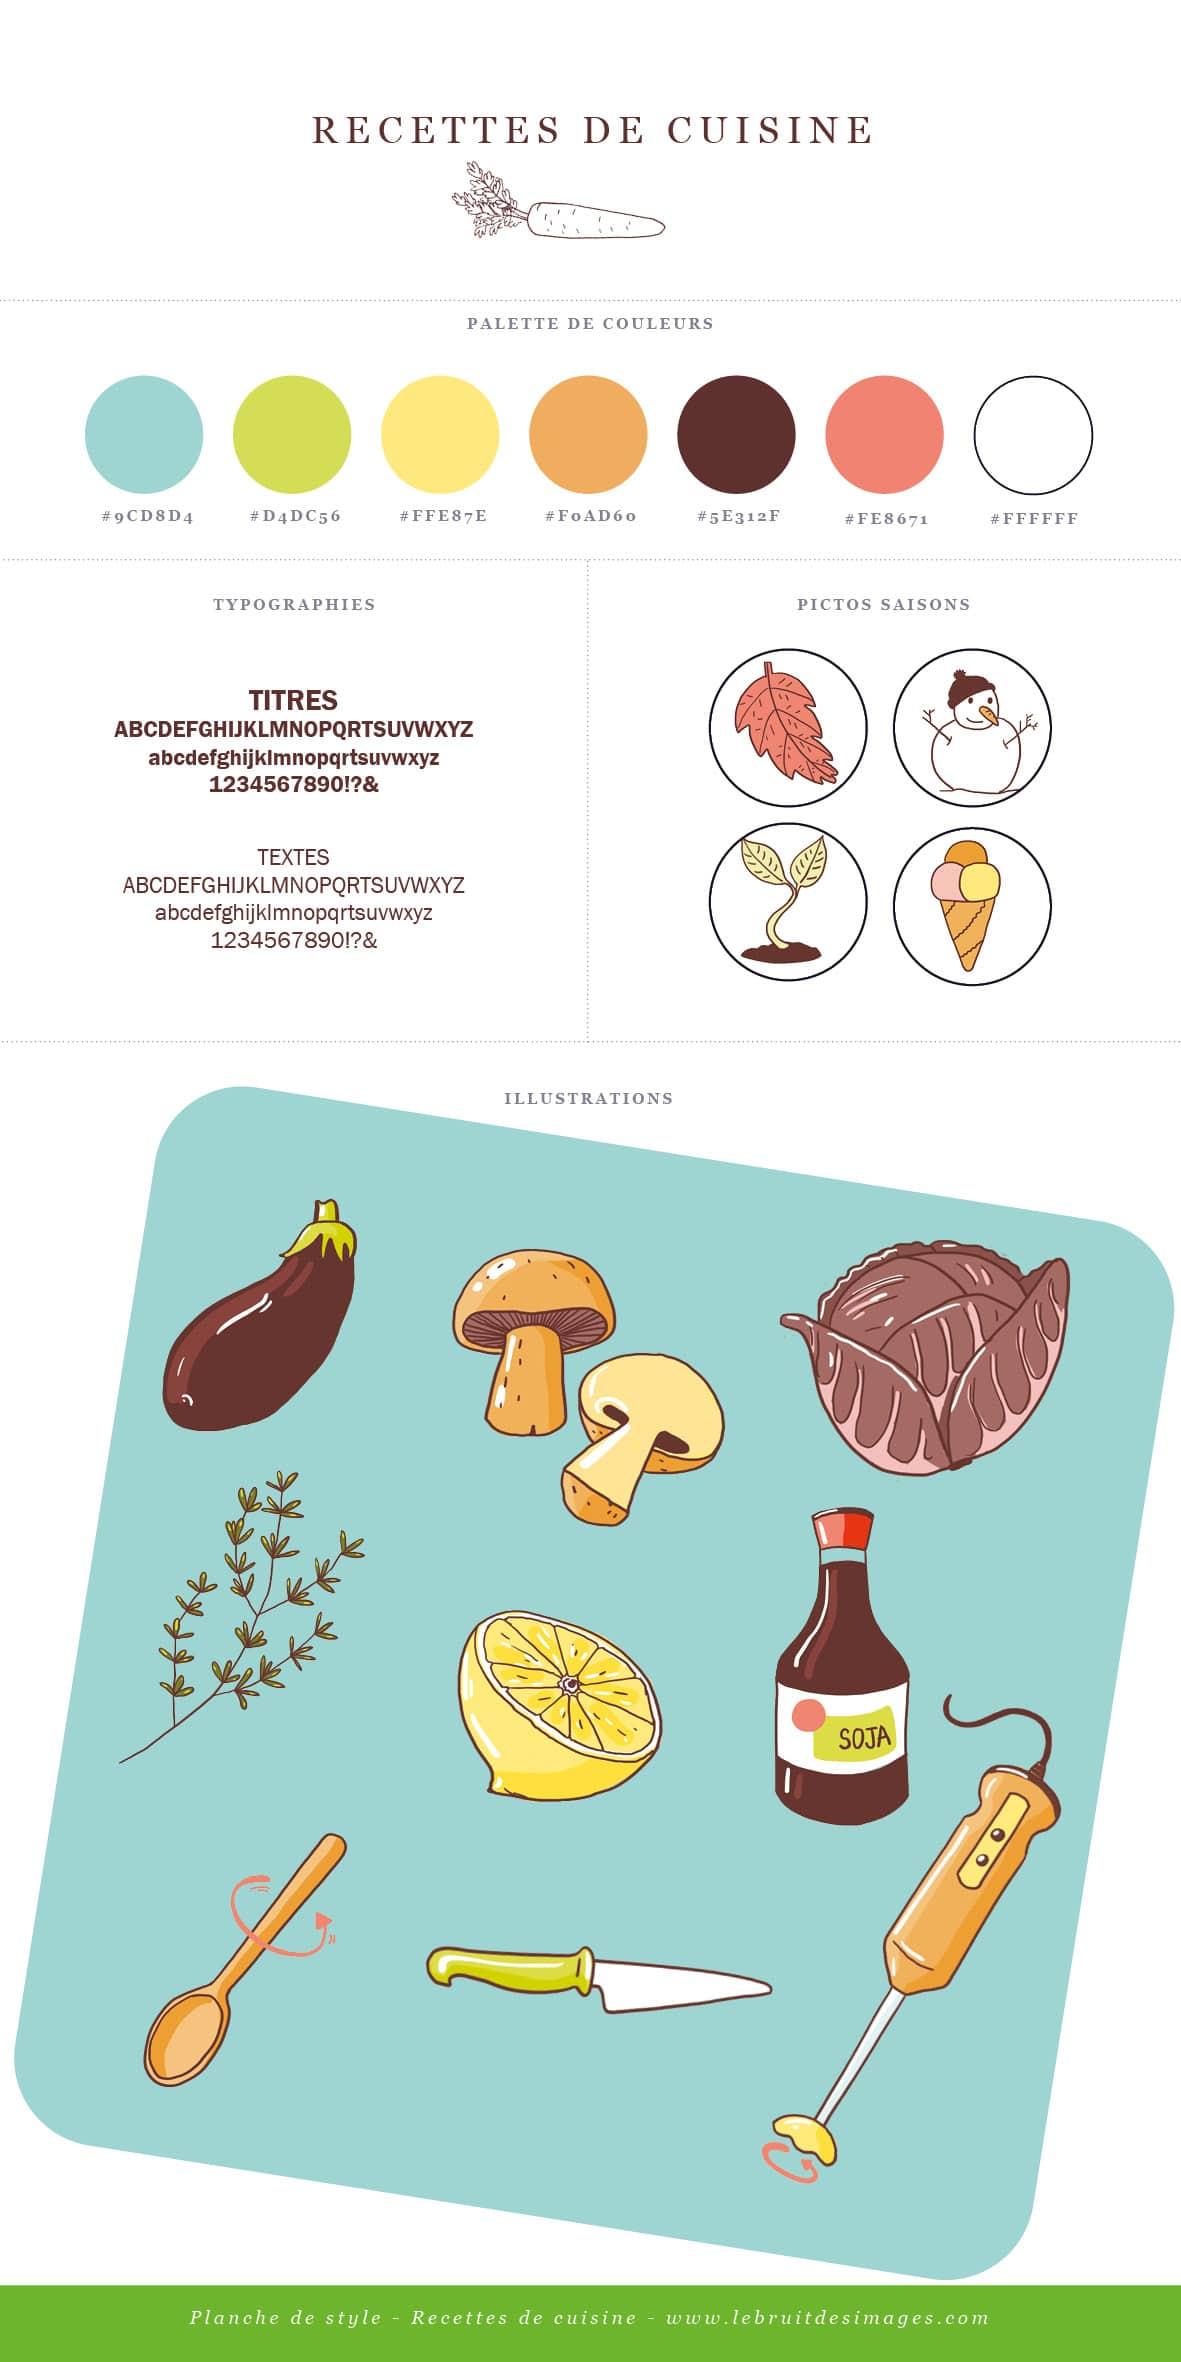 Planche de style pour un livret de recettes